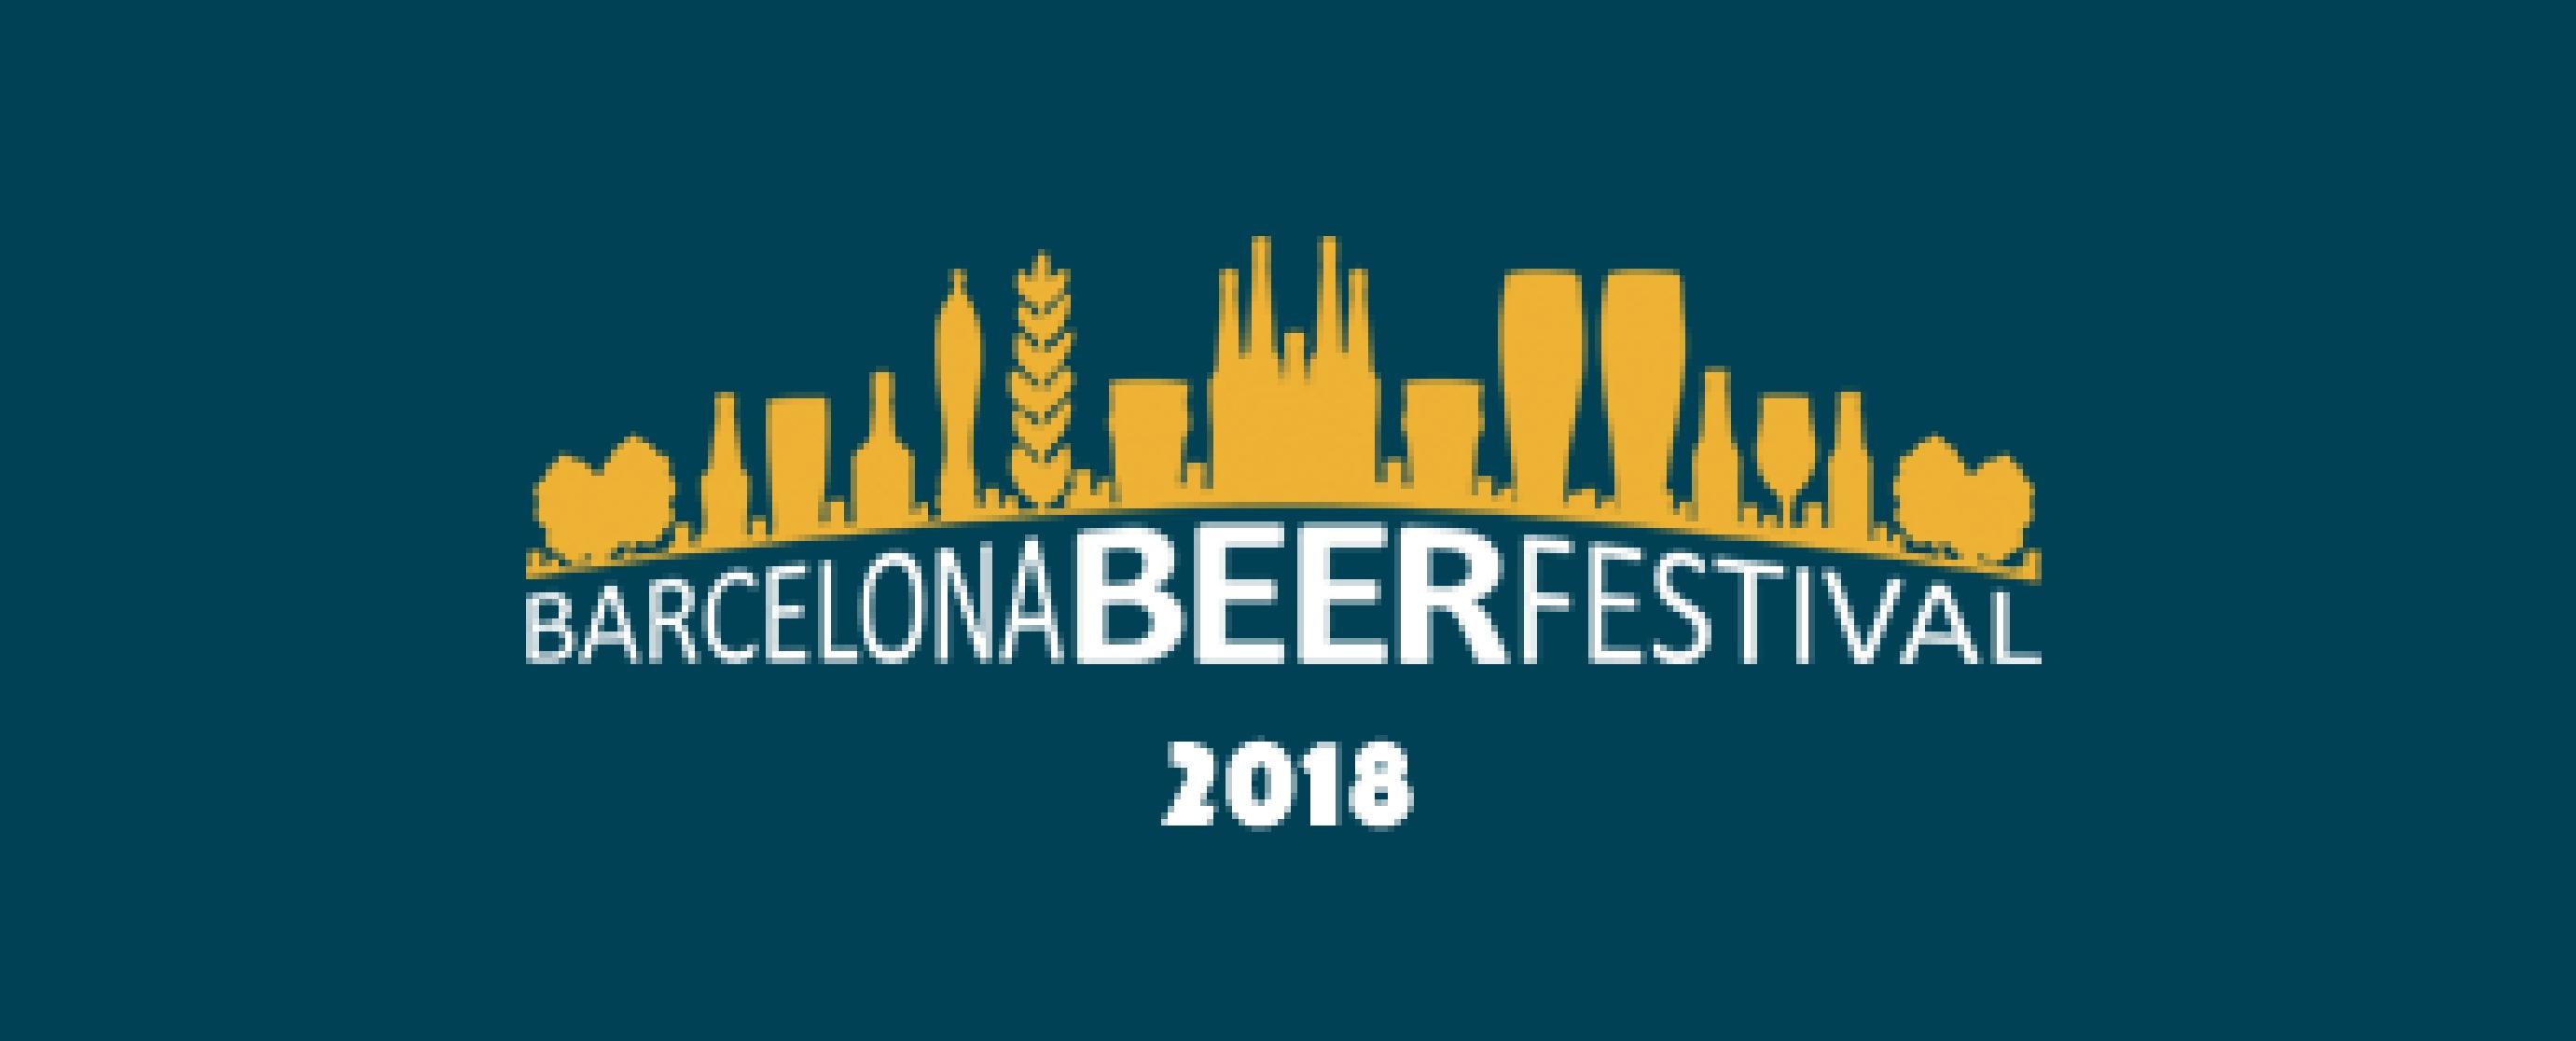 Barcelona Beer Festival 2018